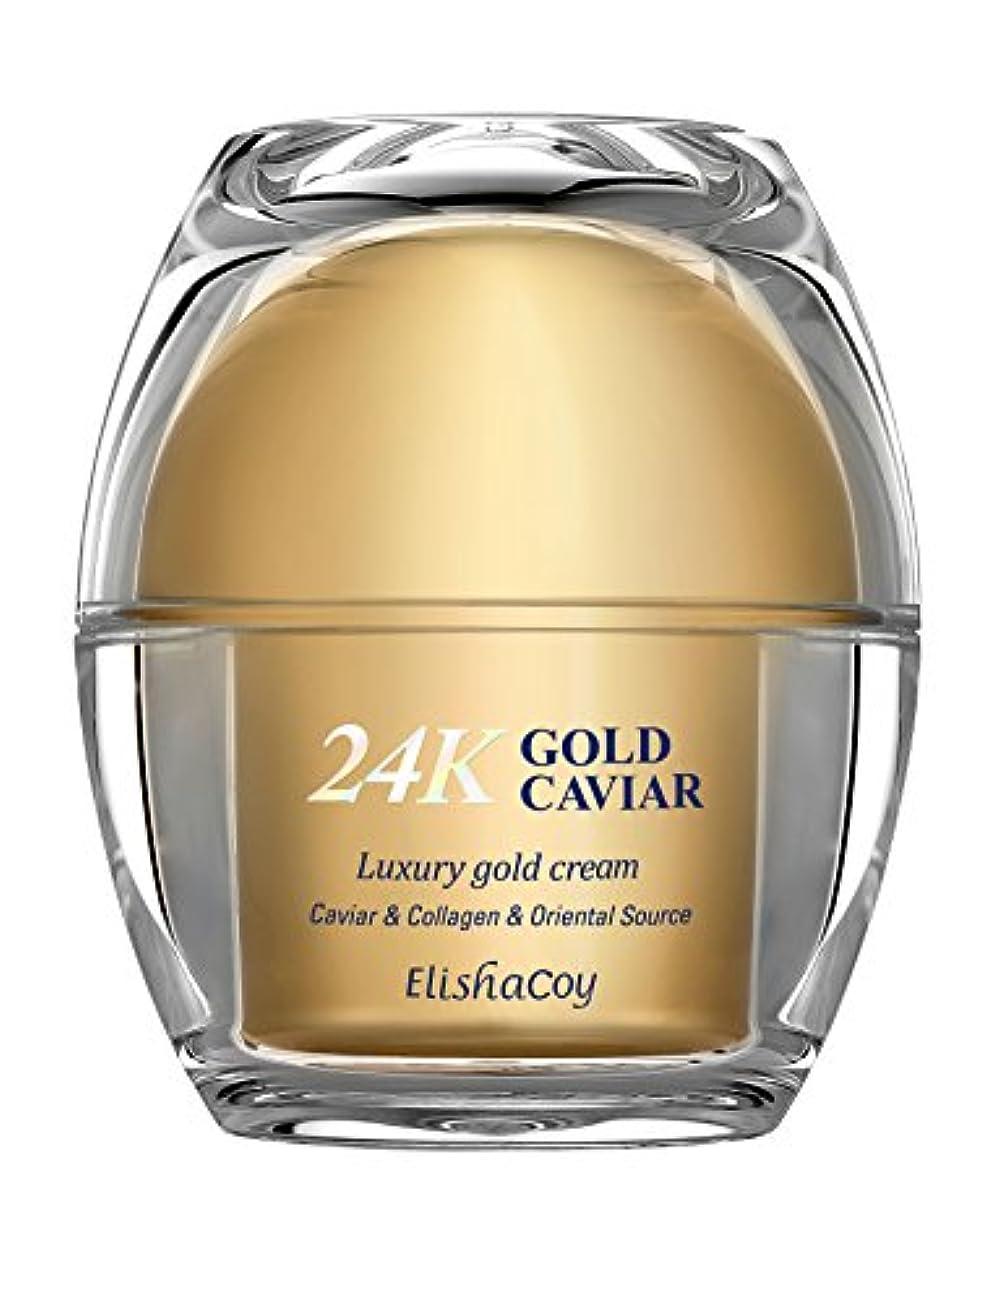 スピン魅了する製油所保湿クリーム エリシャコイ24Kゴールドキャビアクリーム50g